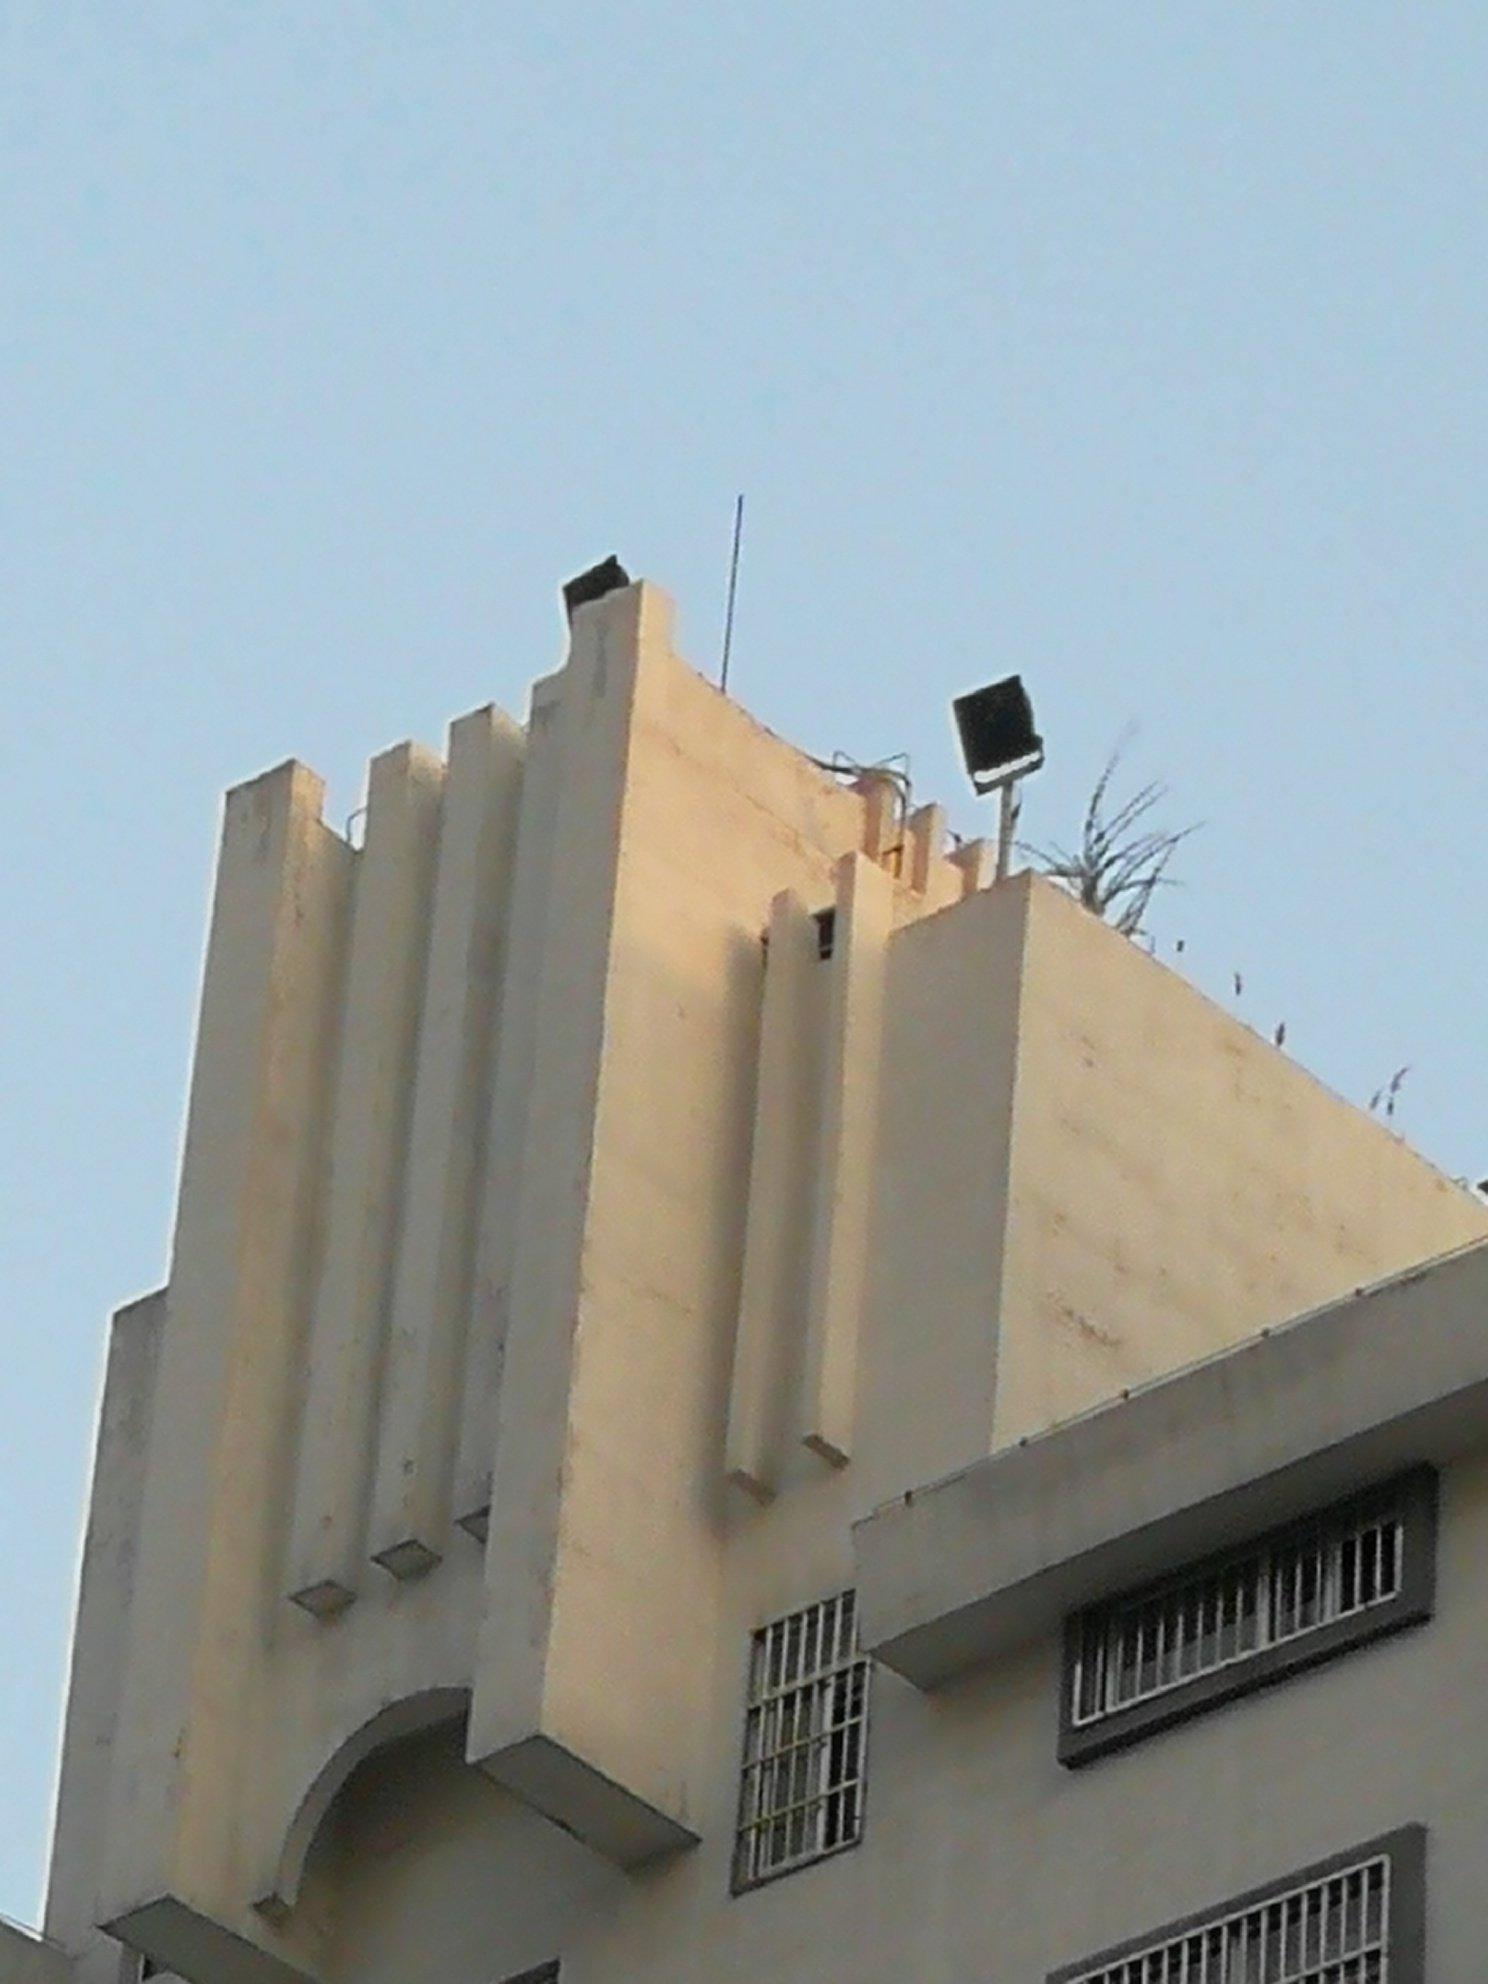 楼顶上的黑色牌子是什么?